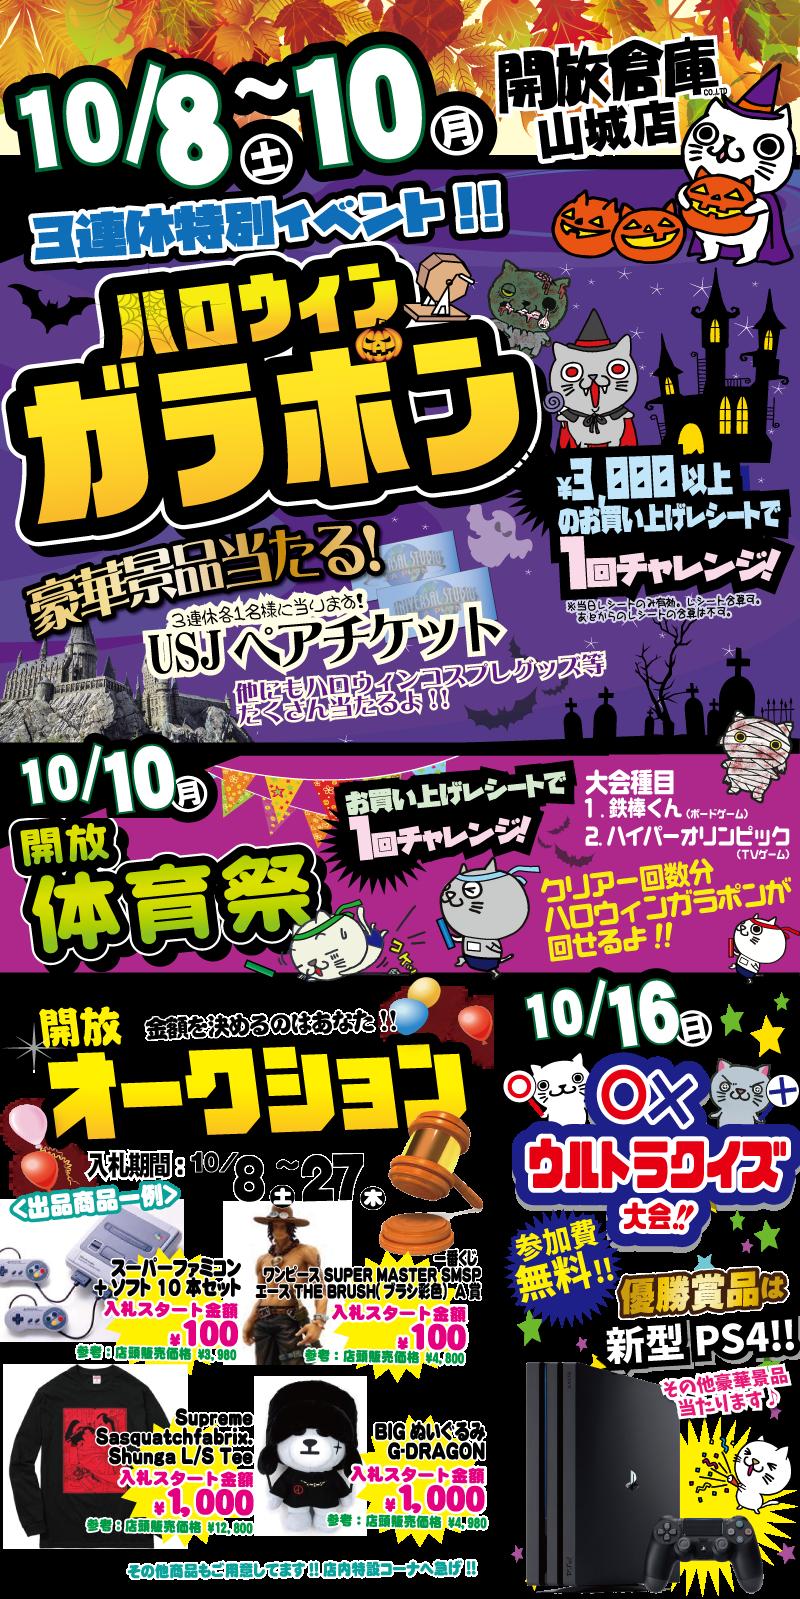 「開放倉庫山城店」2016年10月8~10日までの各種イベントまとめ情報!